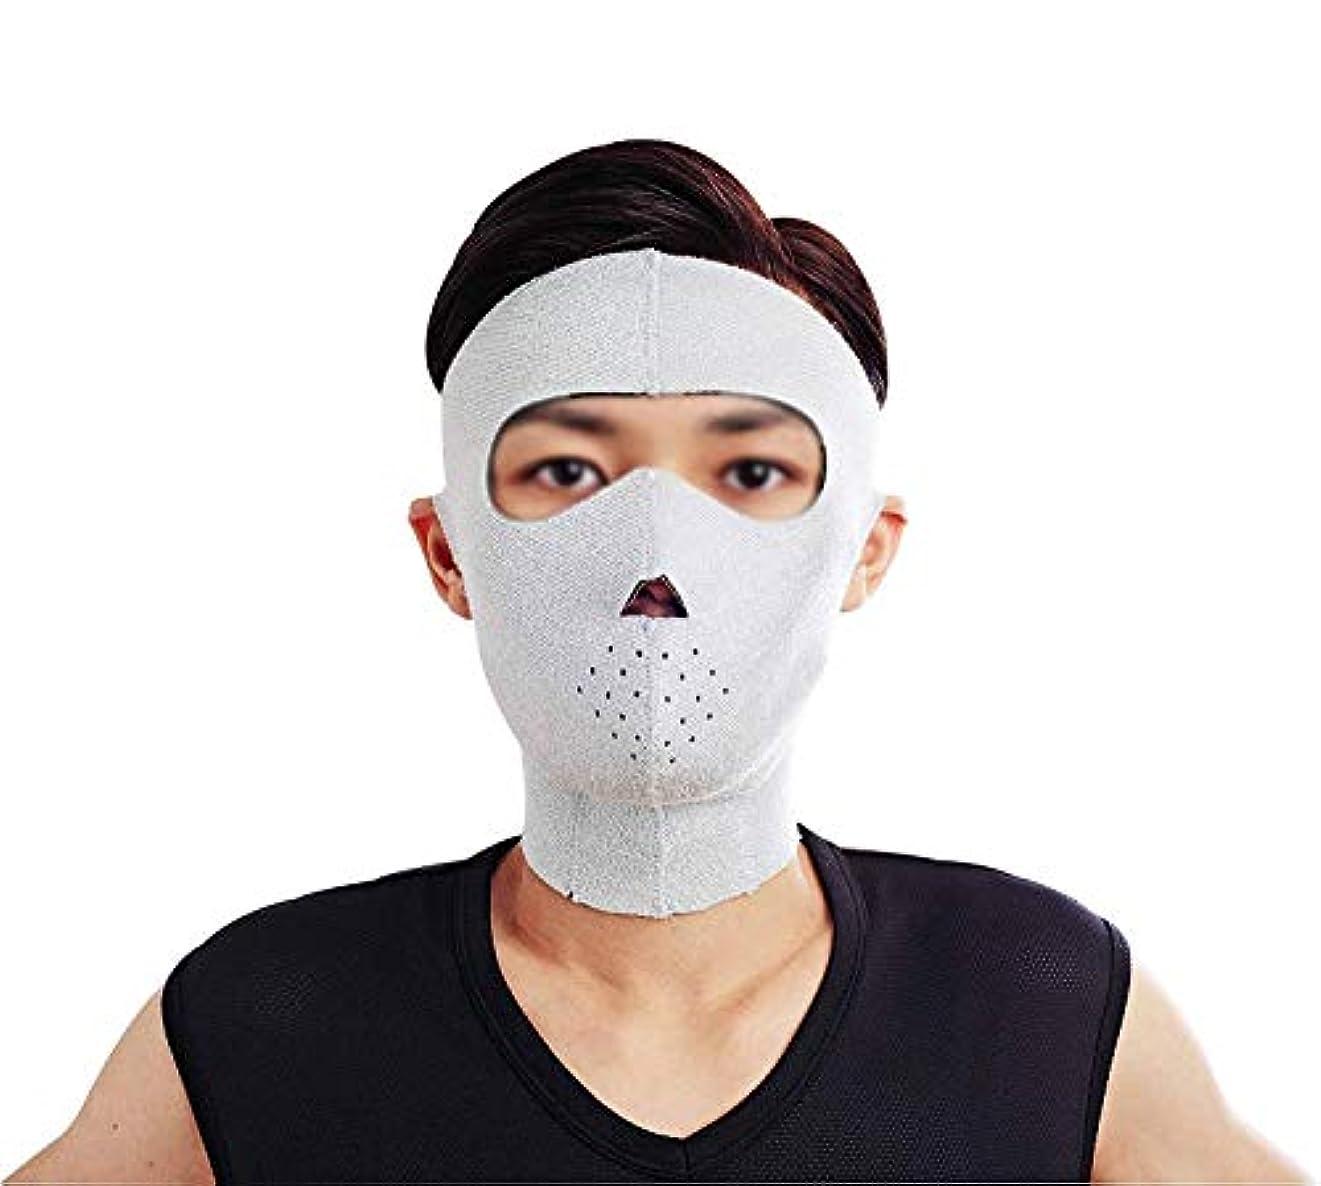 忠誠落ちた味方フェイスリフトマスク、フェイシャルマスクプラス薄いフェイスマスクタイトなたるみの薄いフェイスマスクフェイシャル薄いフェイスマスクアーティファクトビューティー男性ネックストラップ付き